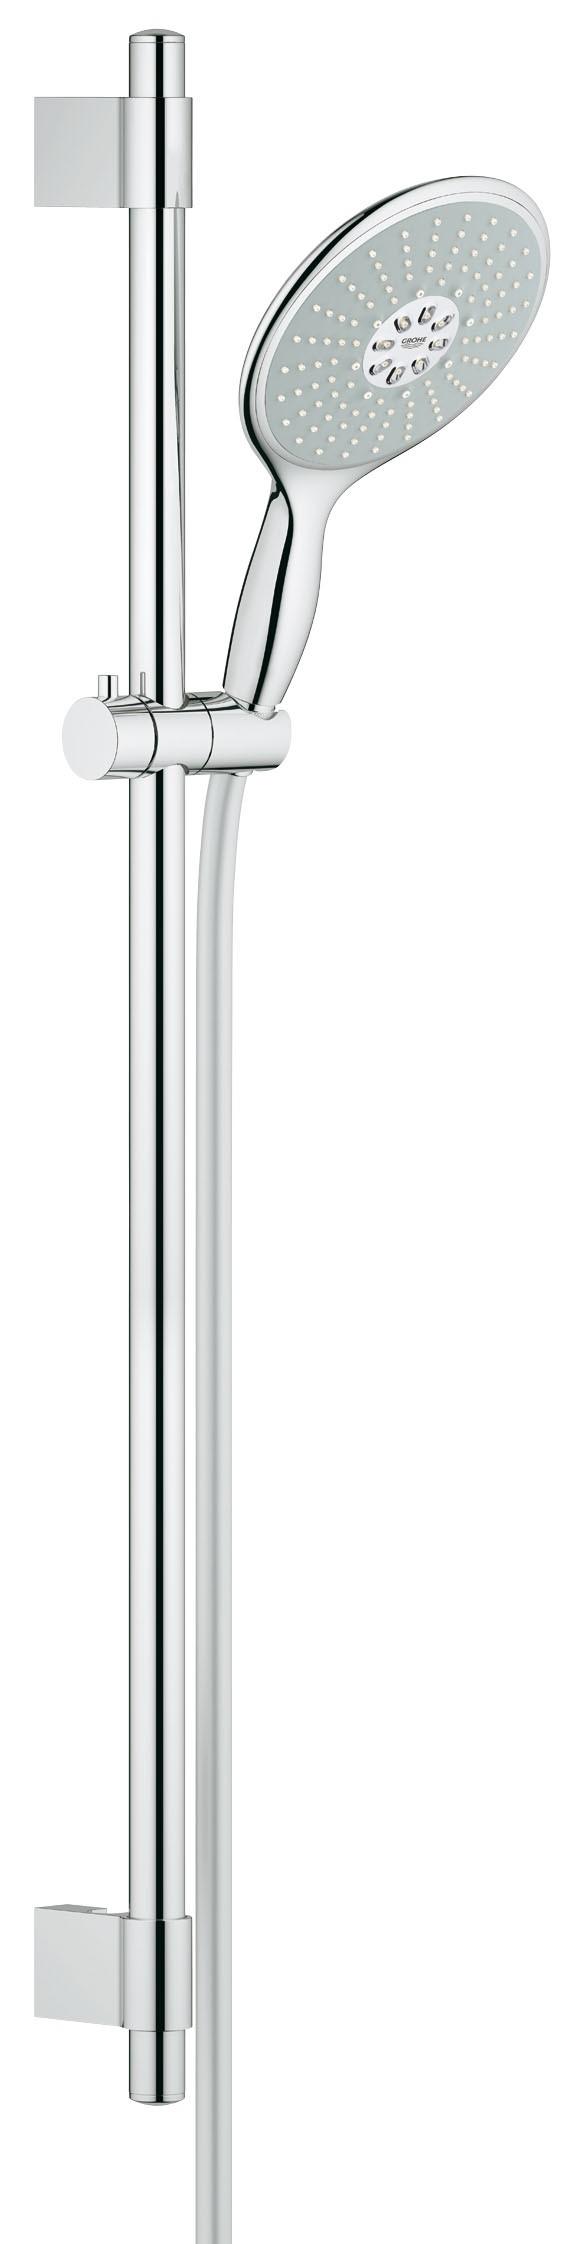 Grohe 27750000 Power&Soul 160 (ручной душ, штанга 900 мм, шланг 1750 мм) с ограничением расхода воды, хром